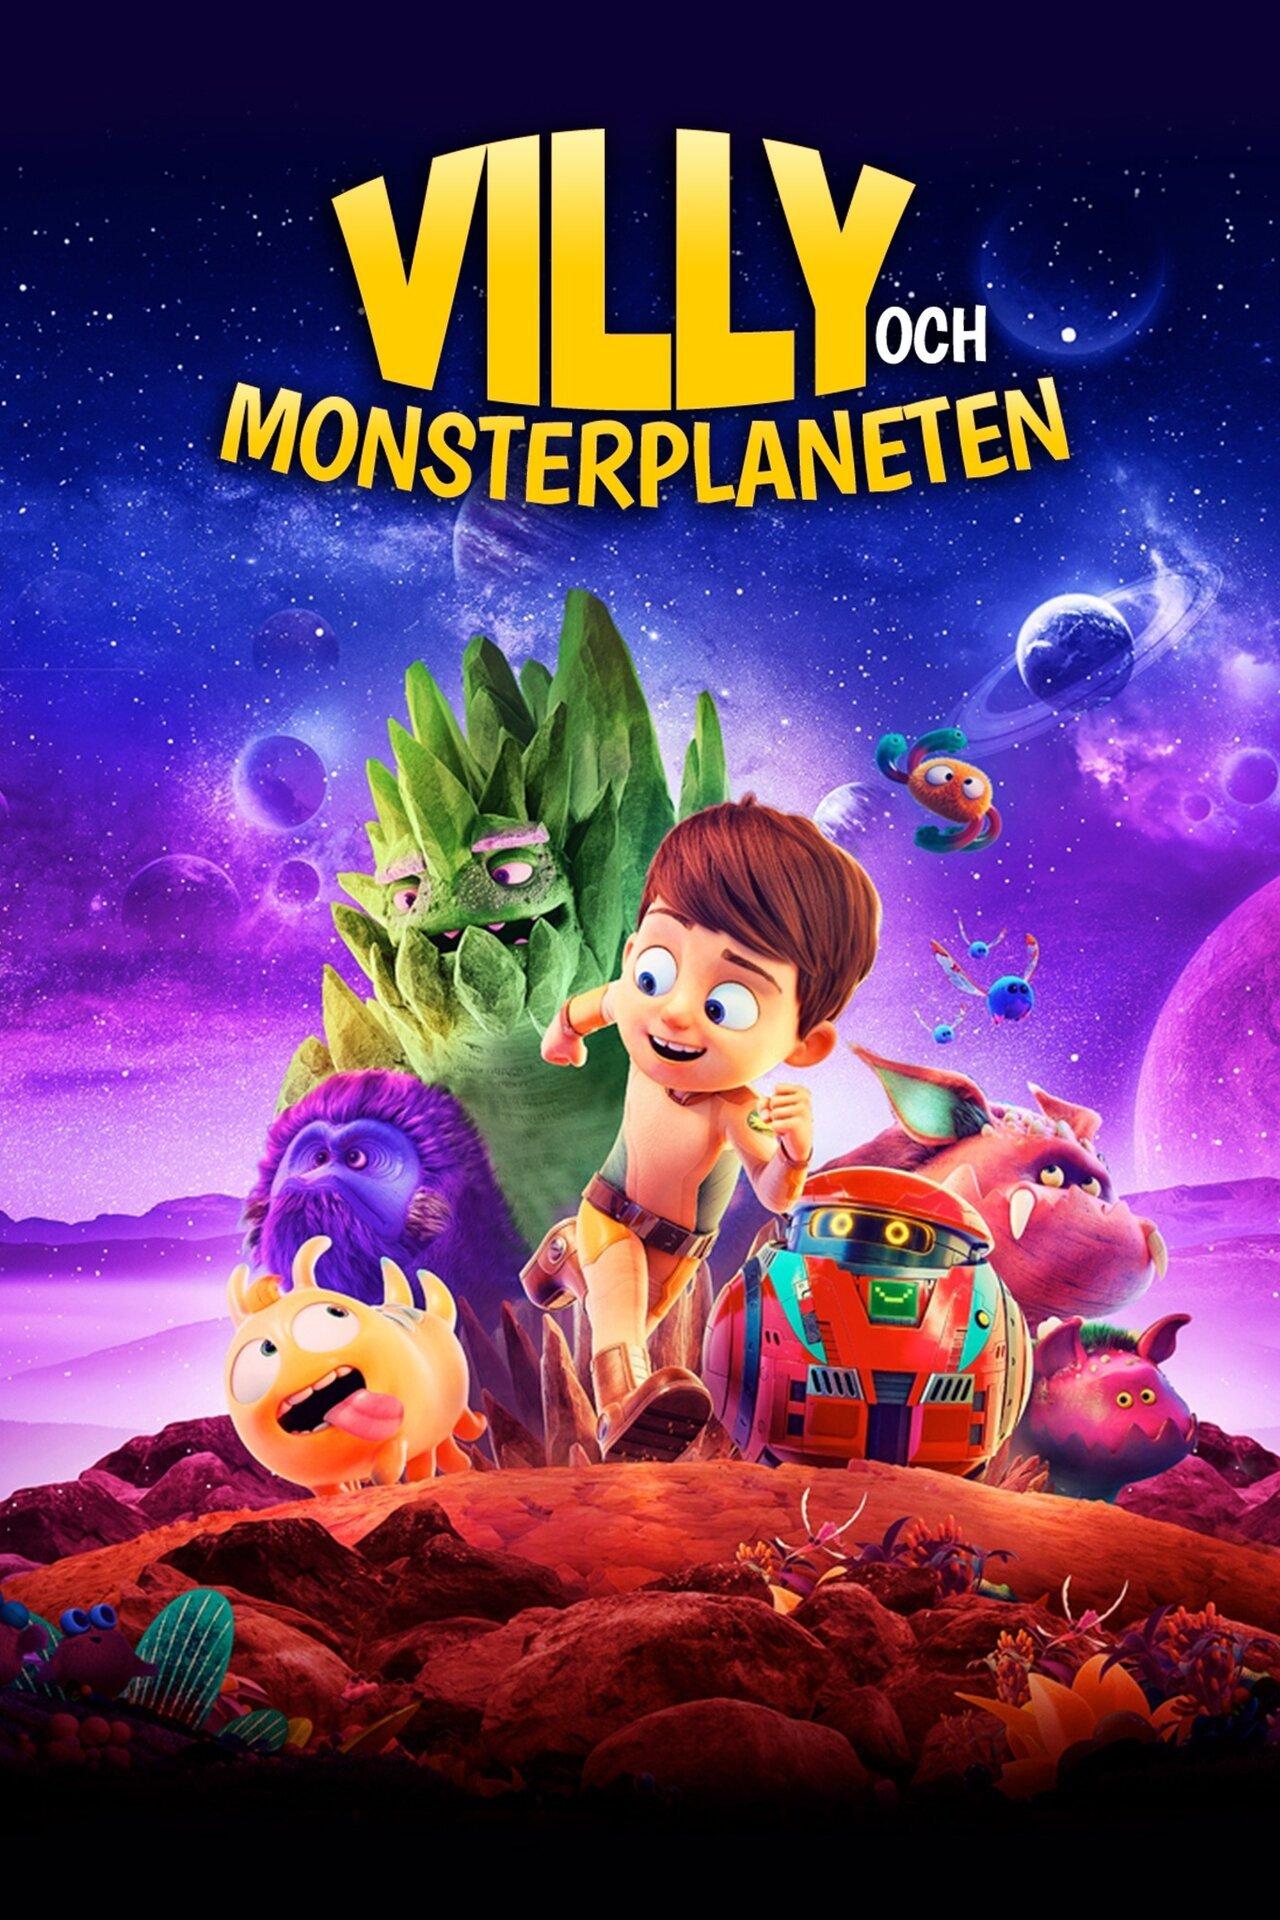 Villy och monsterplaneten